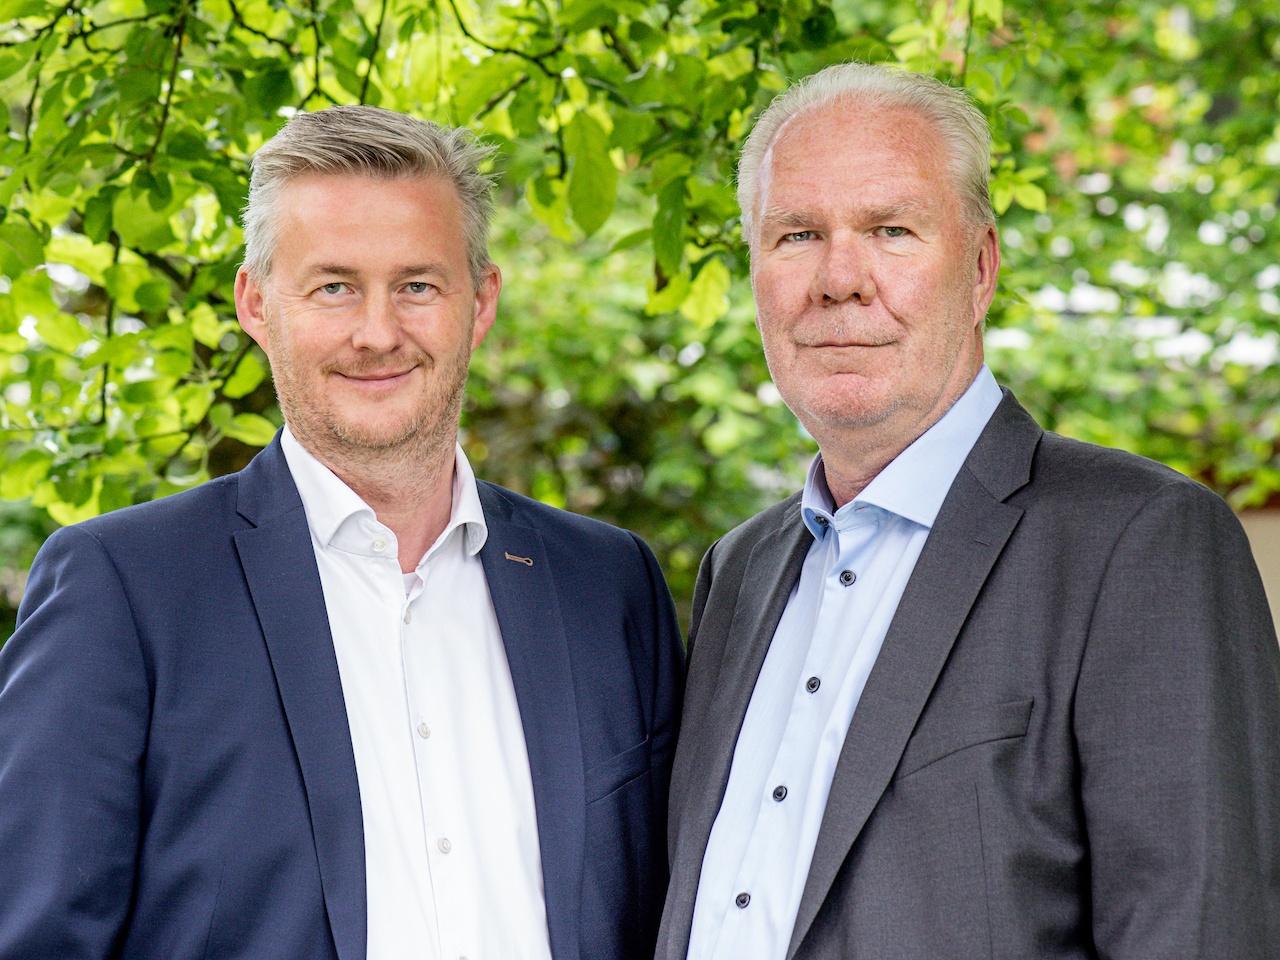 Tjark Goldenstein,  Geschäftsführender  Gesellschafter und  Gründer der ÖKORENTA (rechts); Jörg Busboom,  Geschäftsführer der  ÖKORENTA (links)